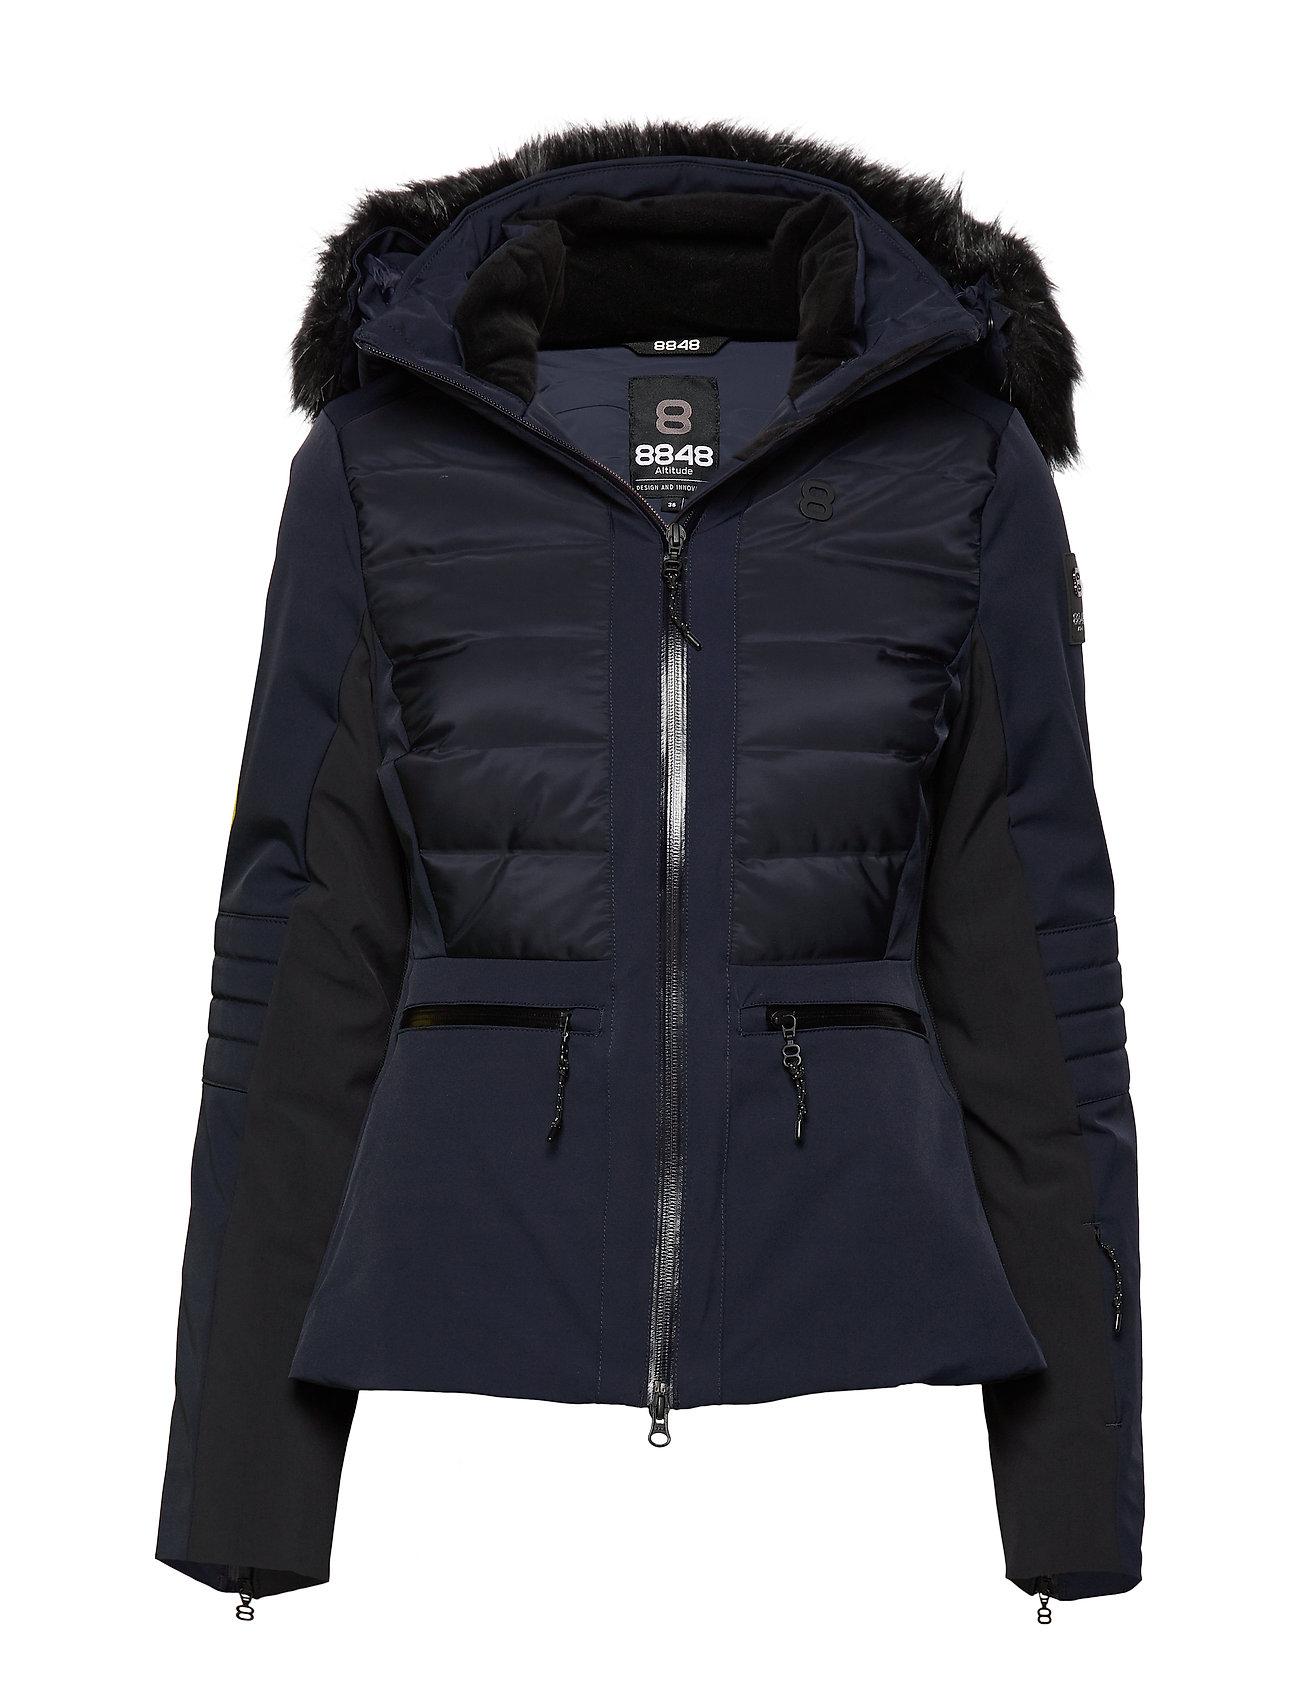 8848 Altitude Cristal Jacket - NAVY